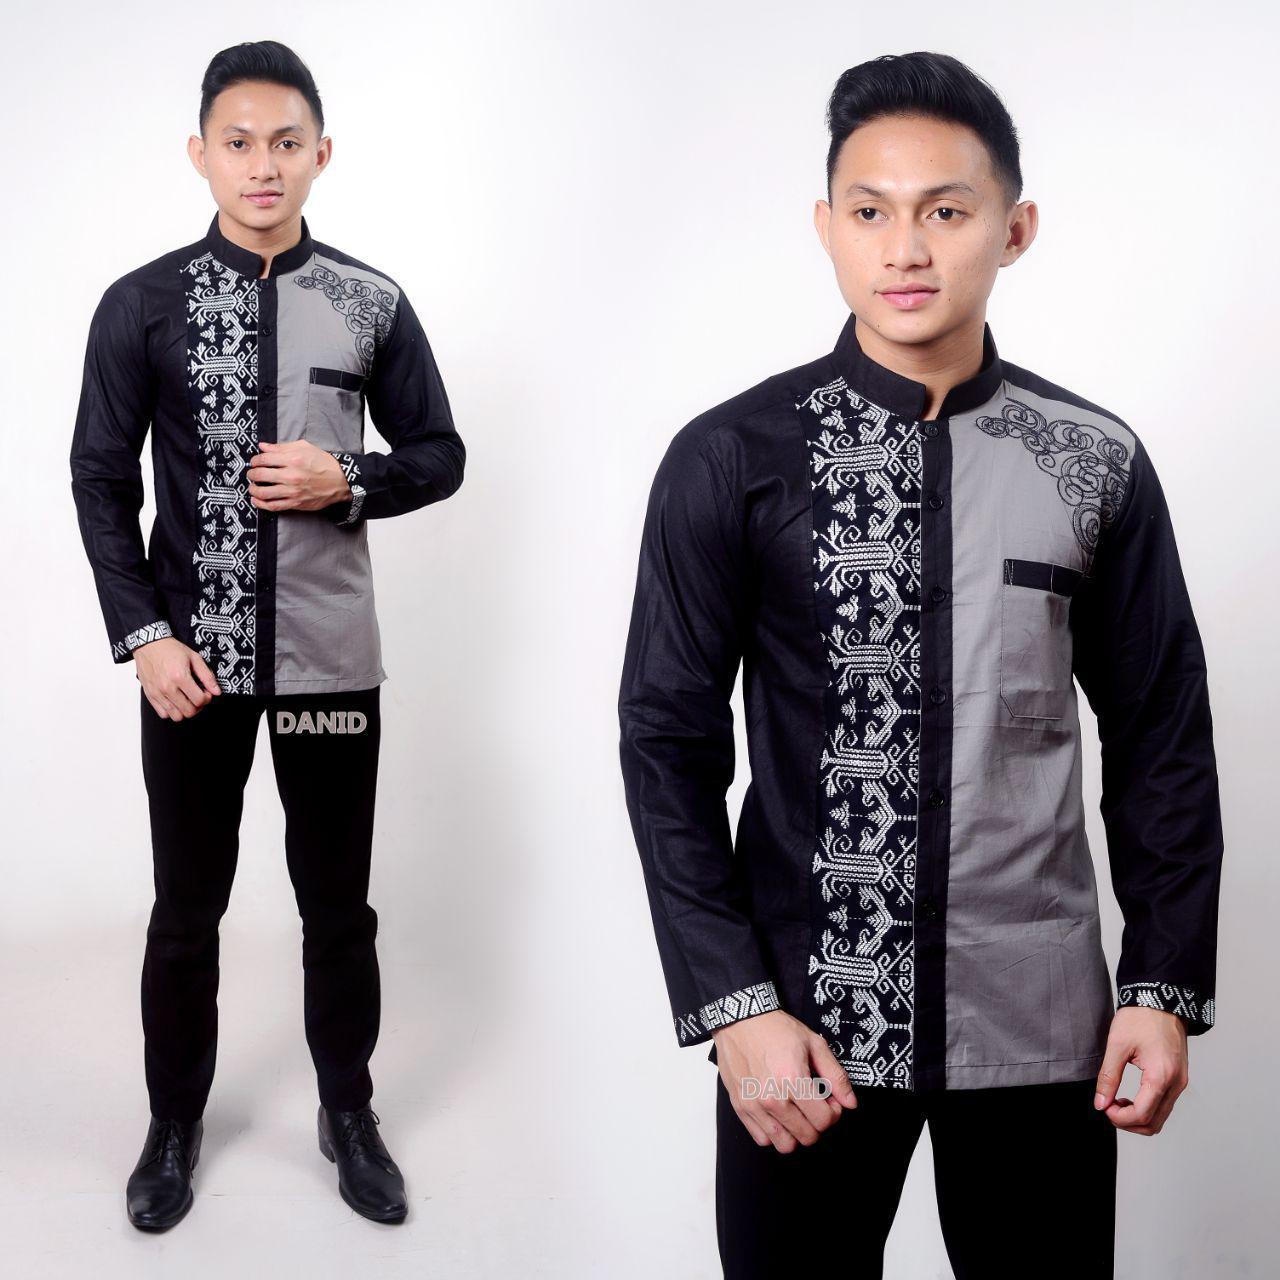 Baju Koko Muslim Pria Terbaru 2019 Baju Koko Bordir Kombinasi Batik Lengan Panjang Kemeja Koko Lazada Indonesia